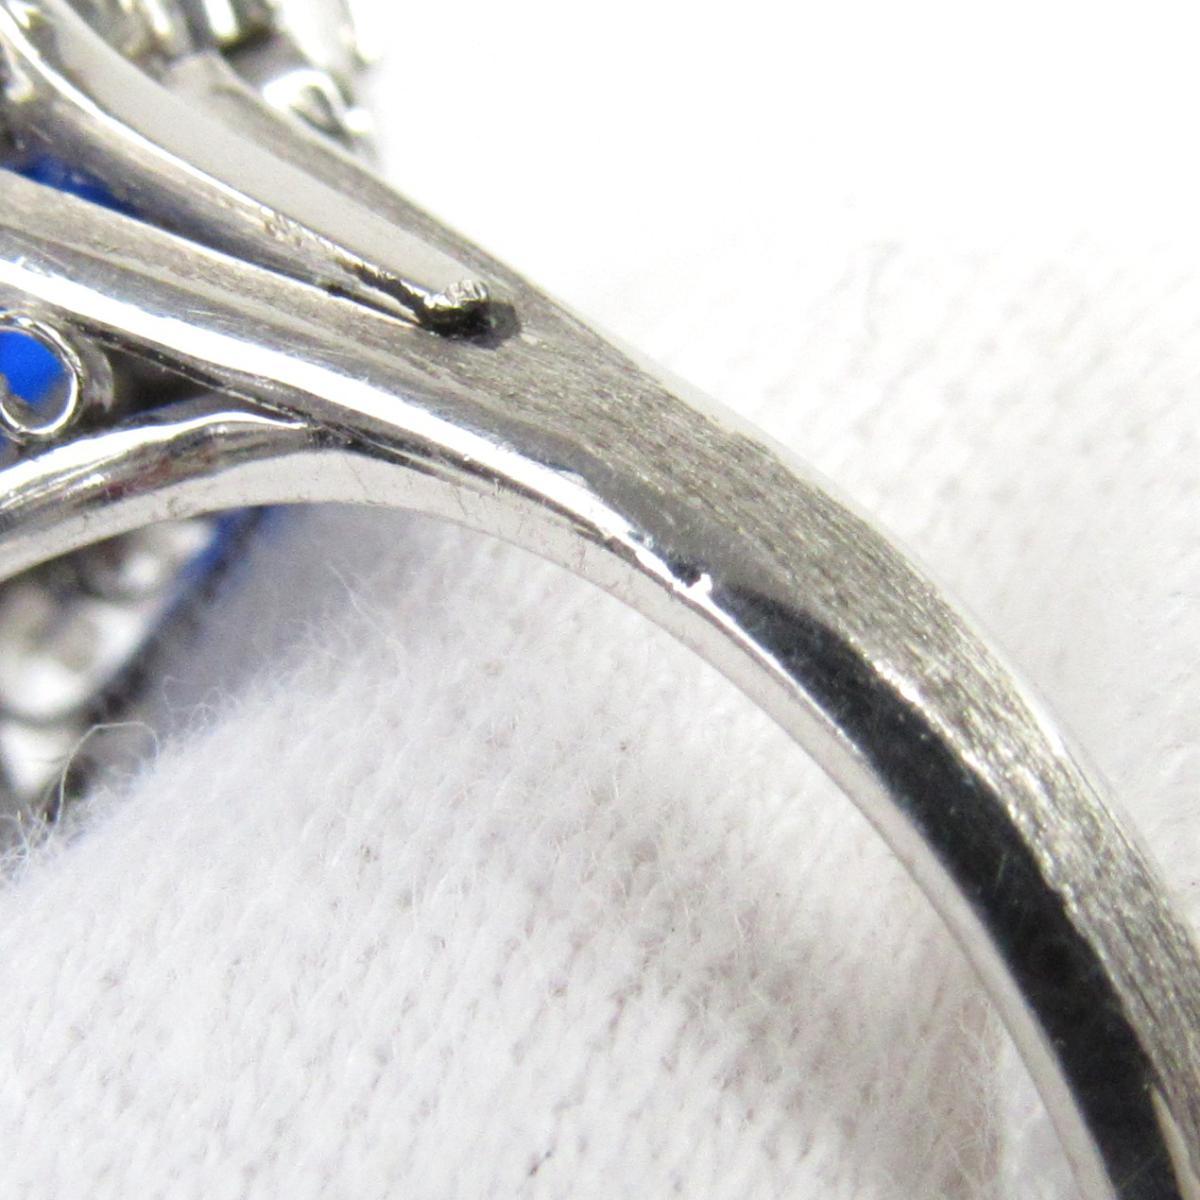 ジュエリー カラーストーン リング 指輪 レディース PT900 プラチナ x石目なしJEWELRY BRANDOFuwXTOiklPZ